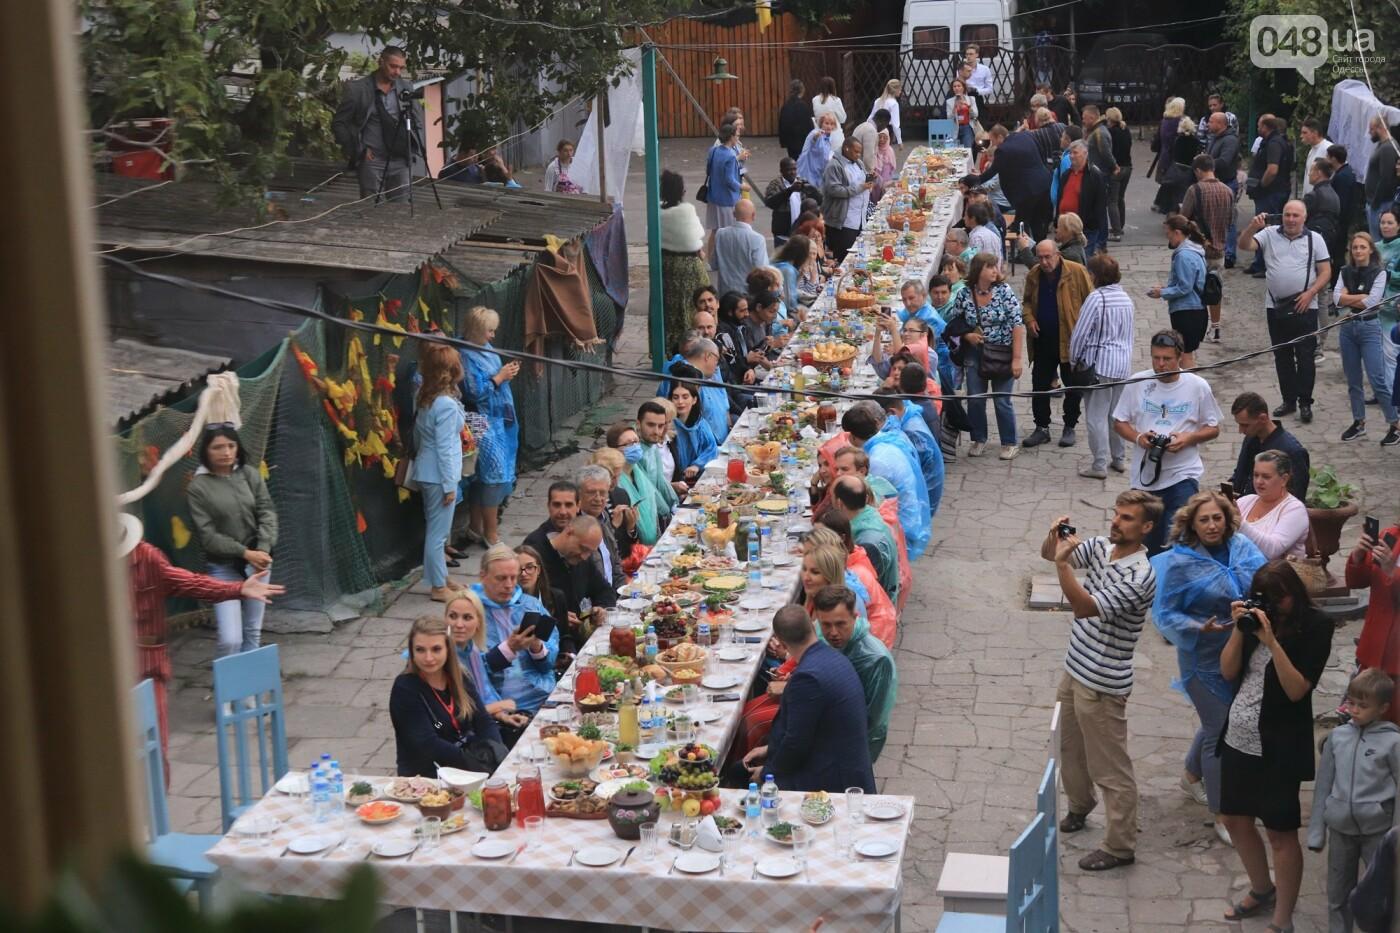 Одесситы гуляли день рождения Мамы в День города, - ФОТОРЕПОРТАЖ, ВИДЕО  , фото-16